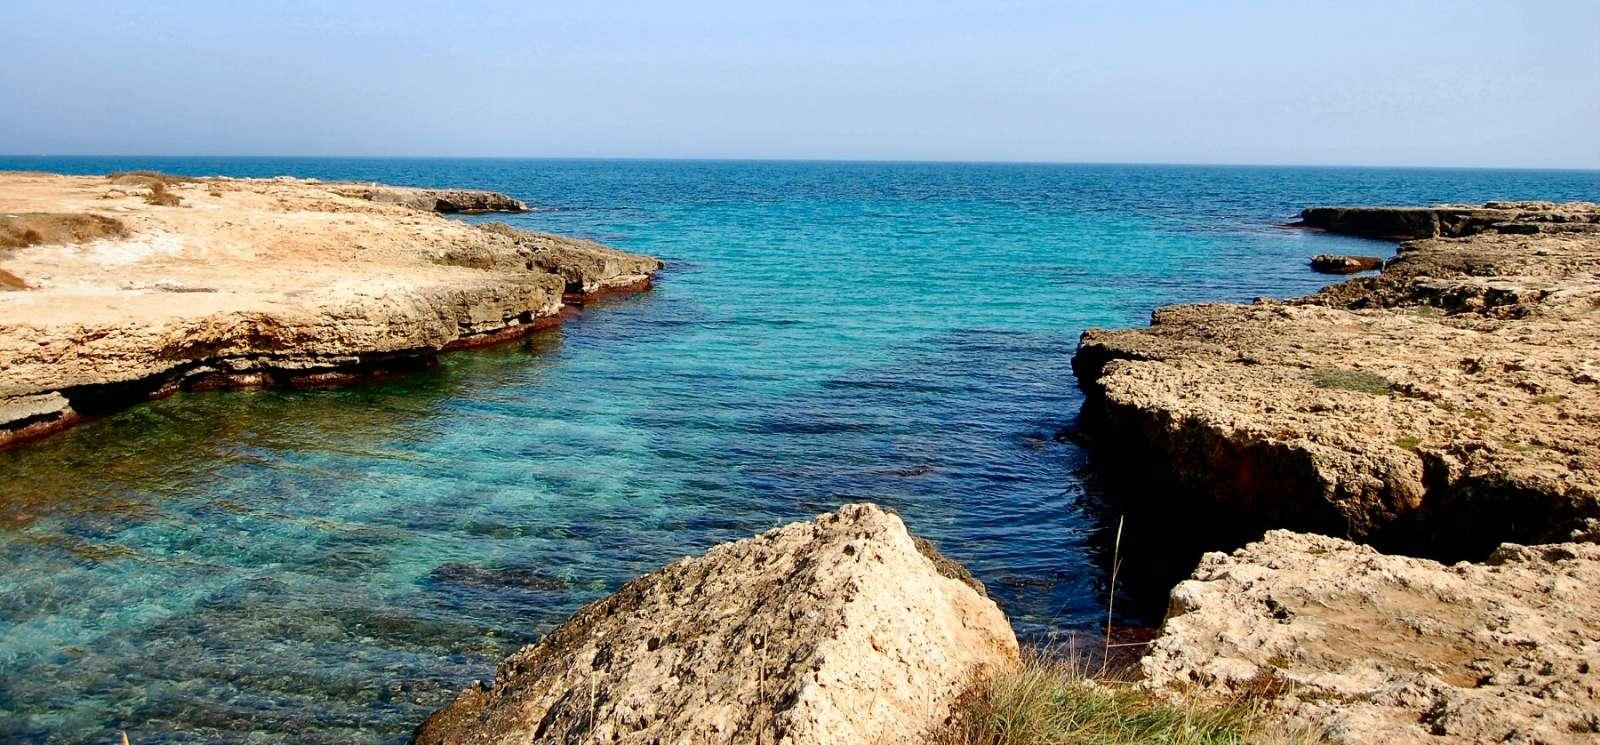 Kysten nær Polignano a Mare